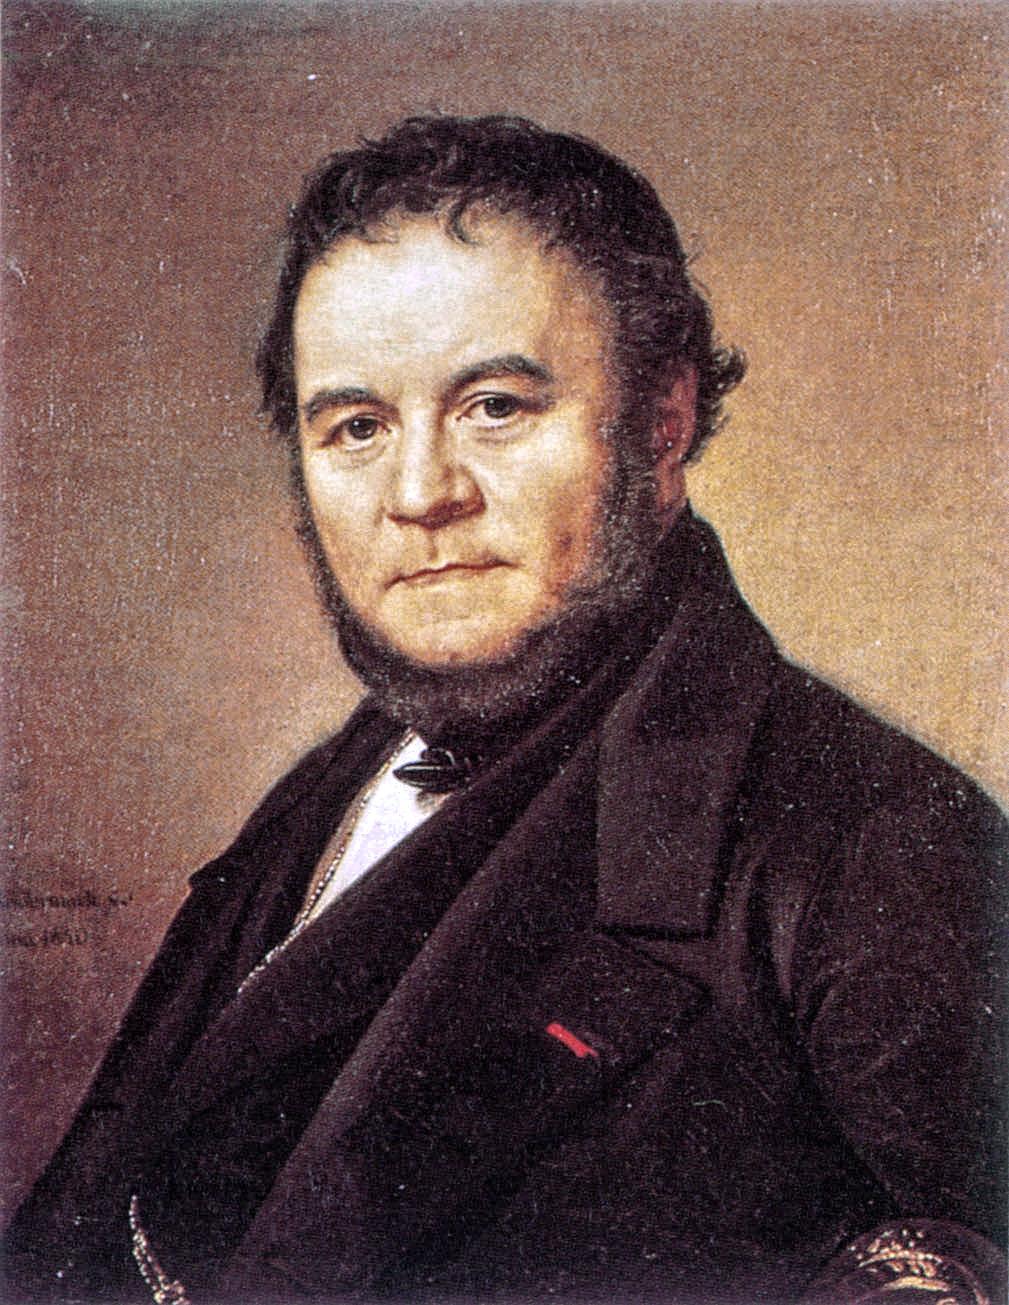 El escritor Henri Beyle, más conocido por su seudónimo Stendhal.